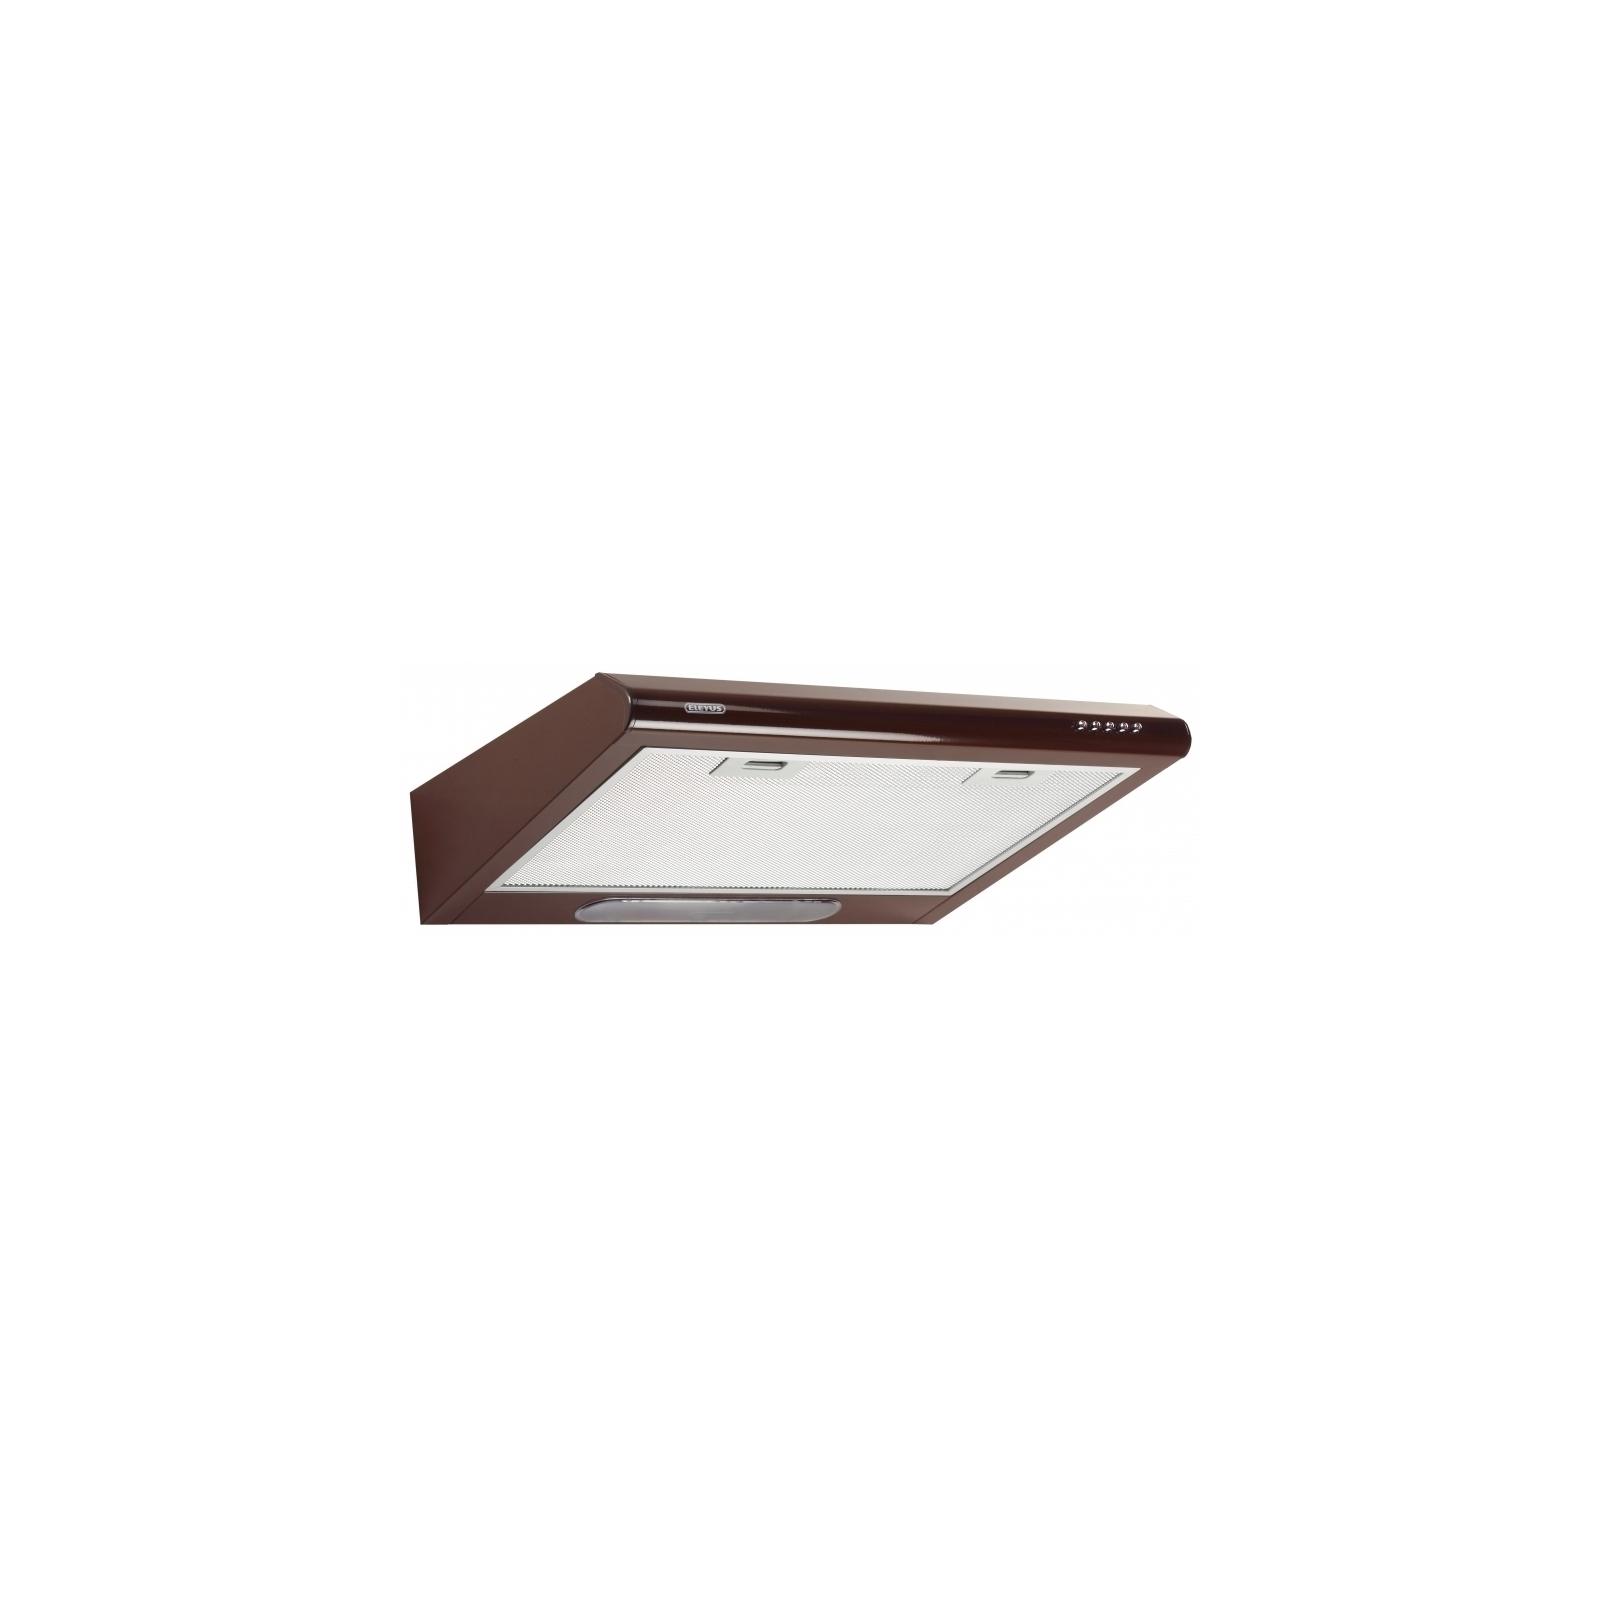 Вытяжка кухонная ELEYUS Line II 60 BR изображение 3